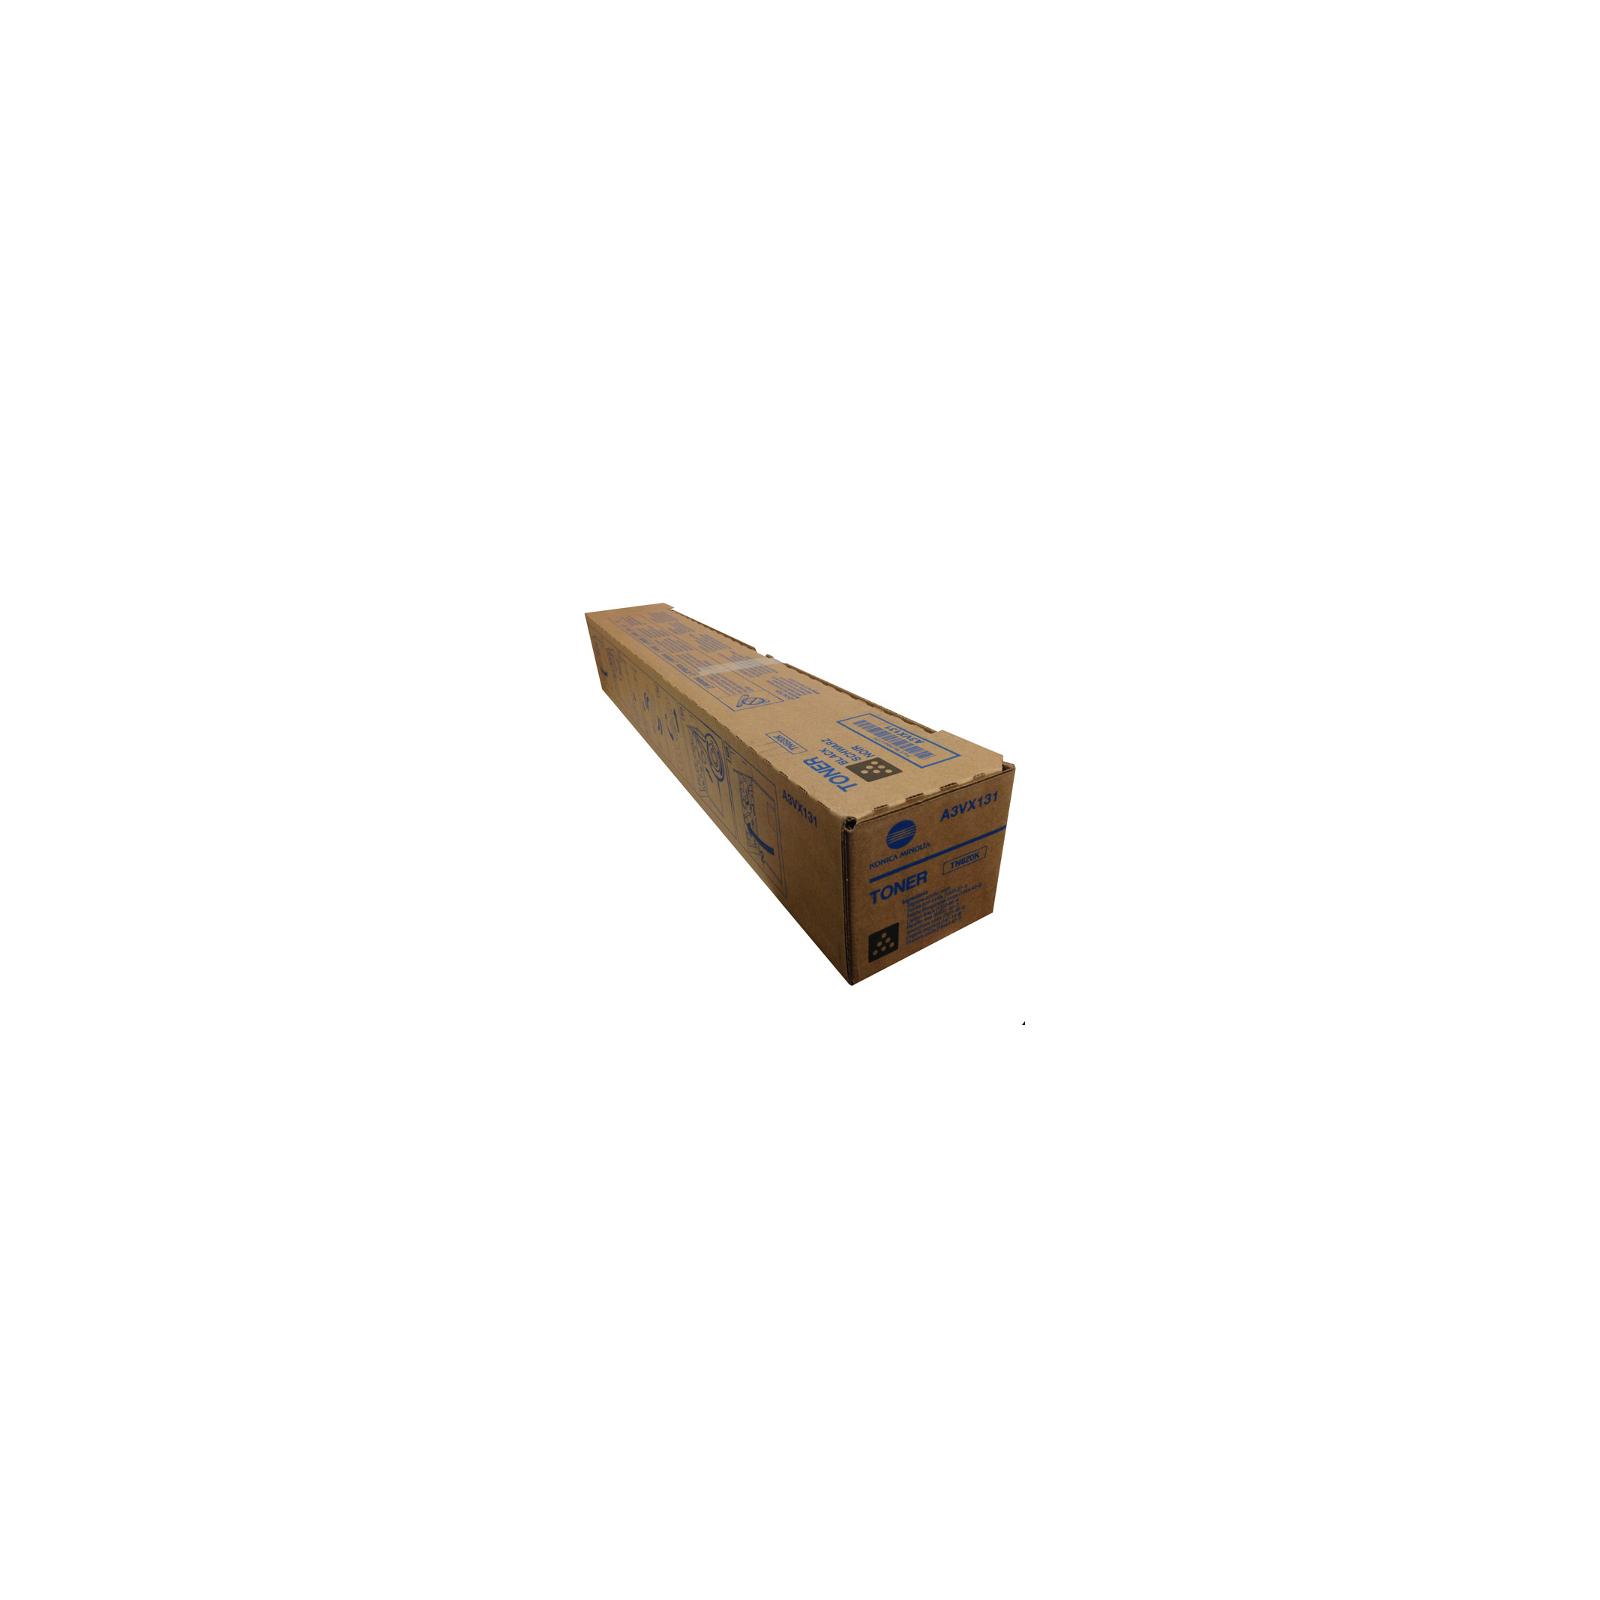 Тонер KONICA MINOLTA TN-620K Black для bizhub C1060L (A3VX151)